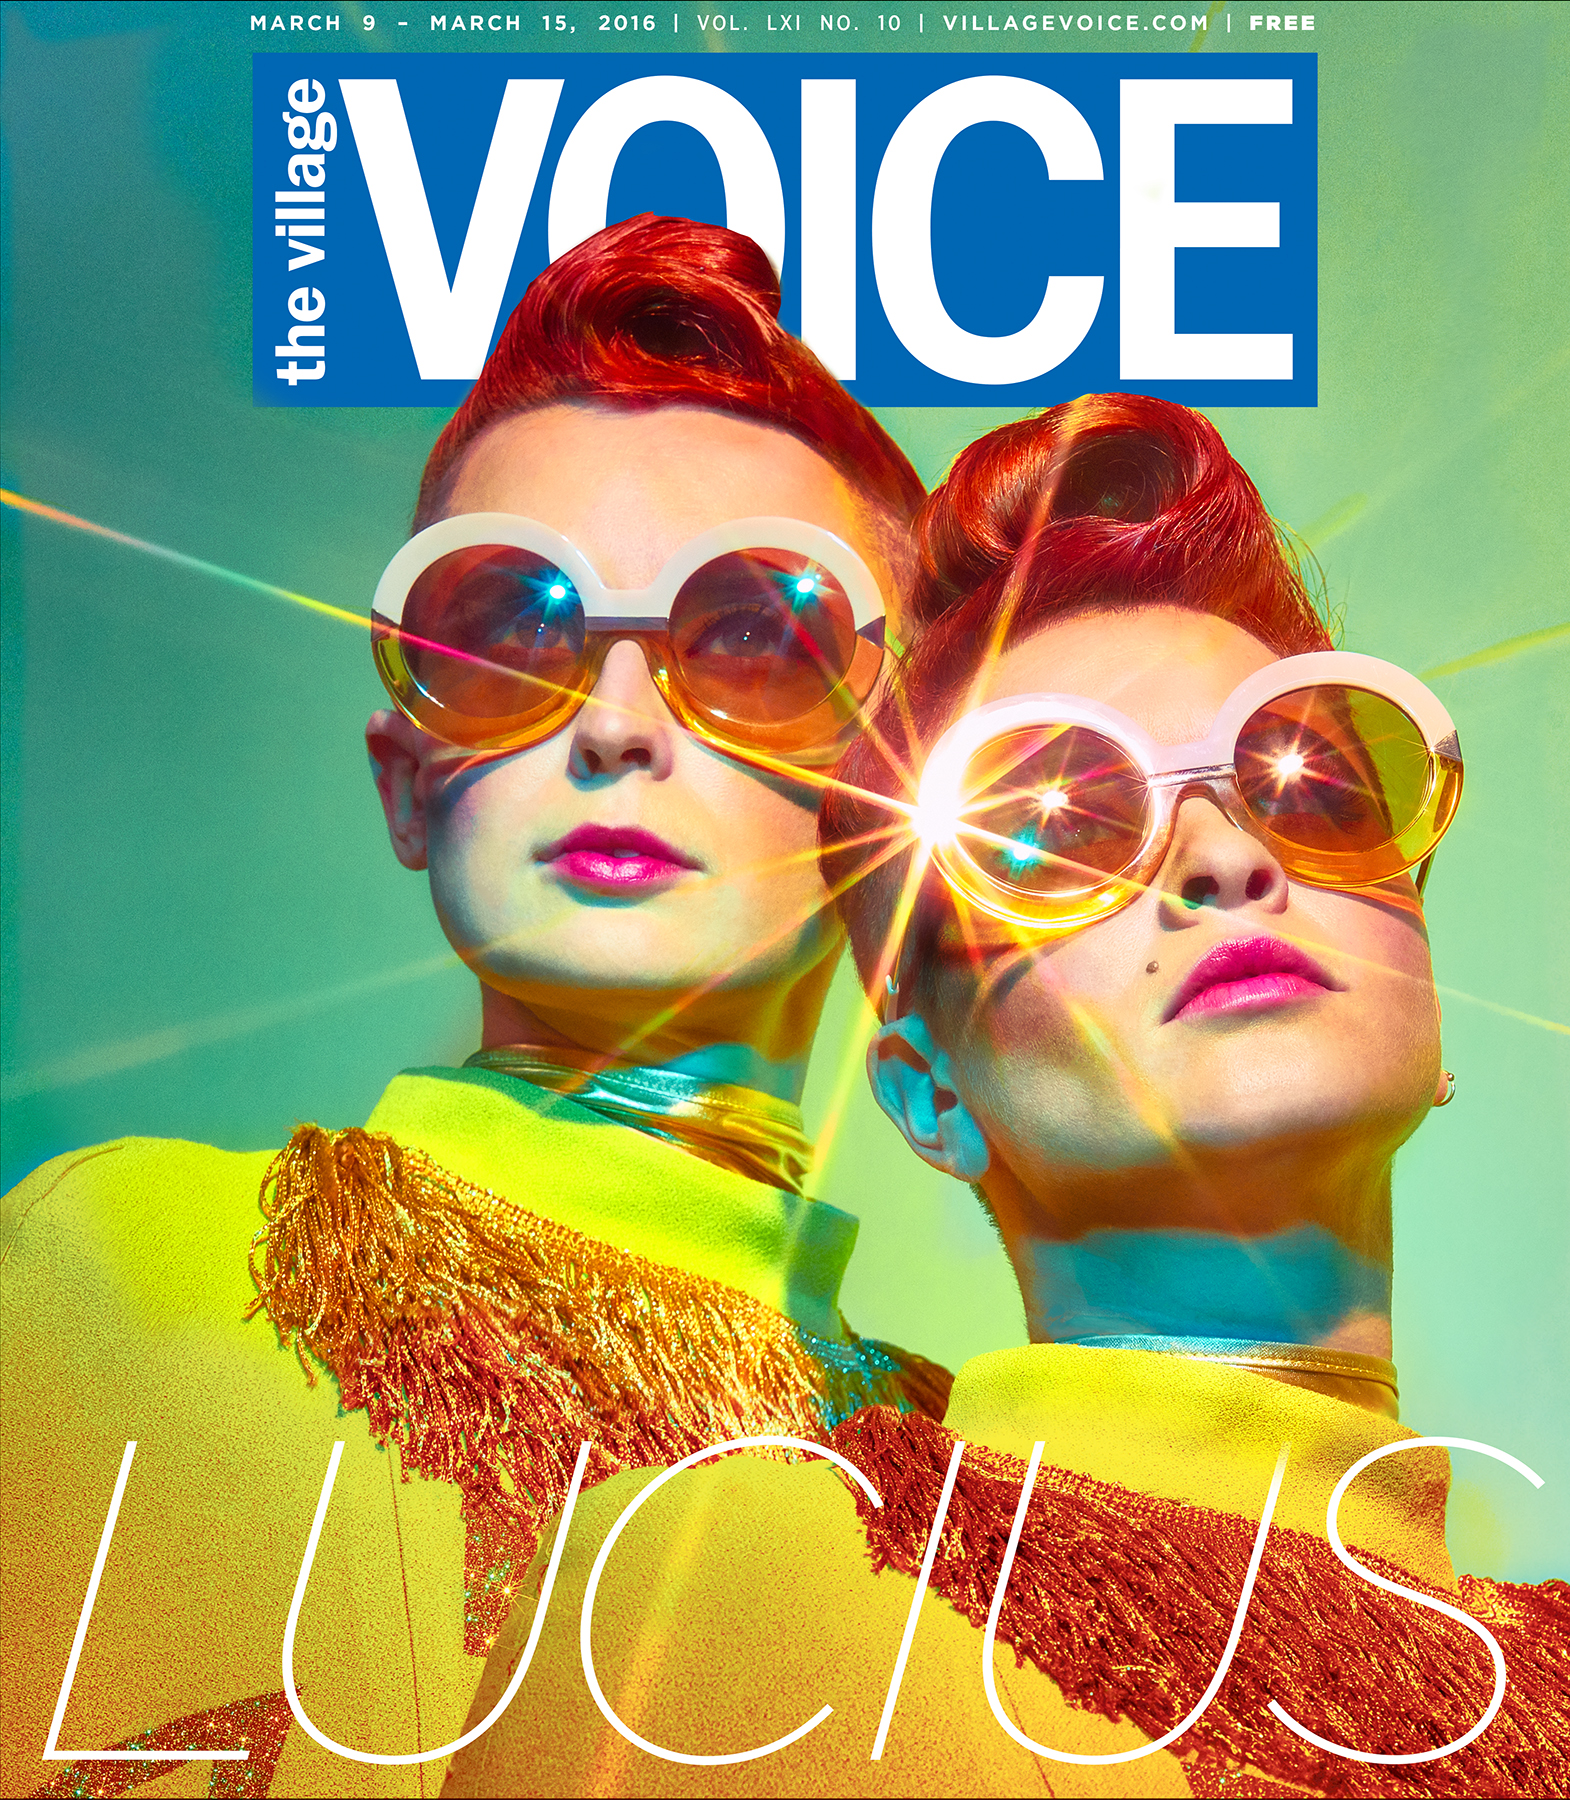 Village Voice – Lucius